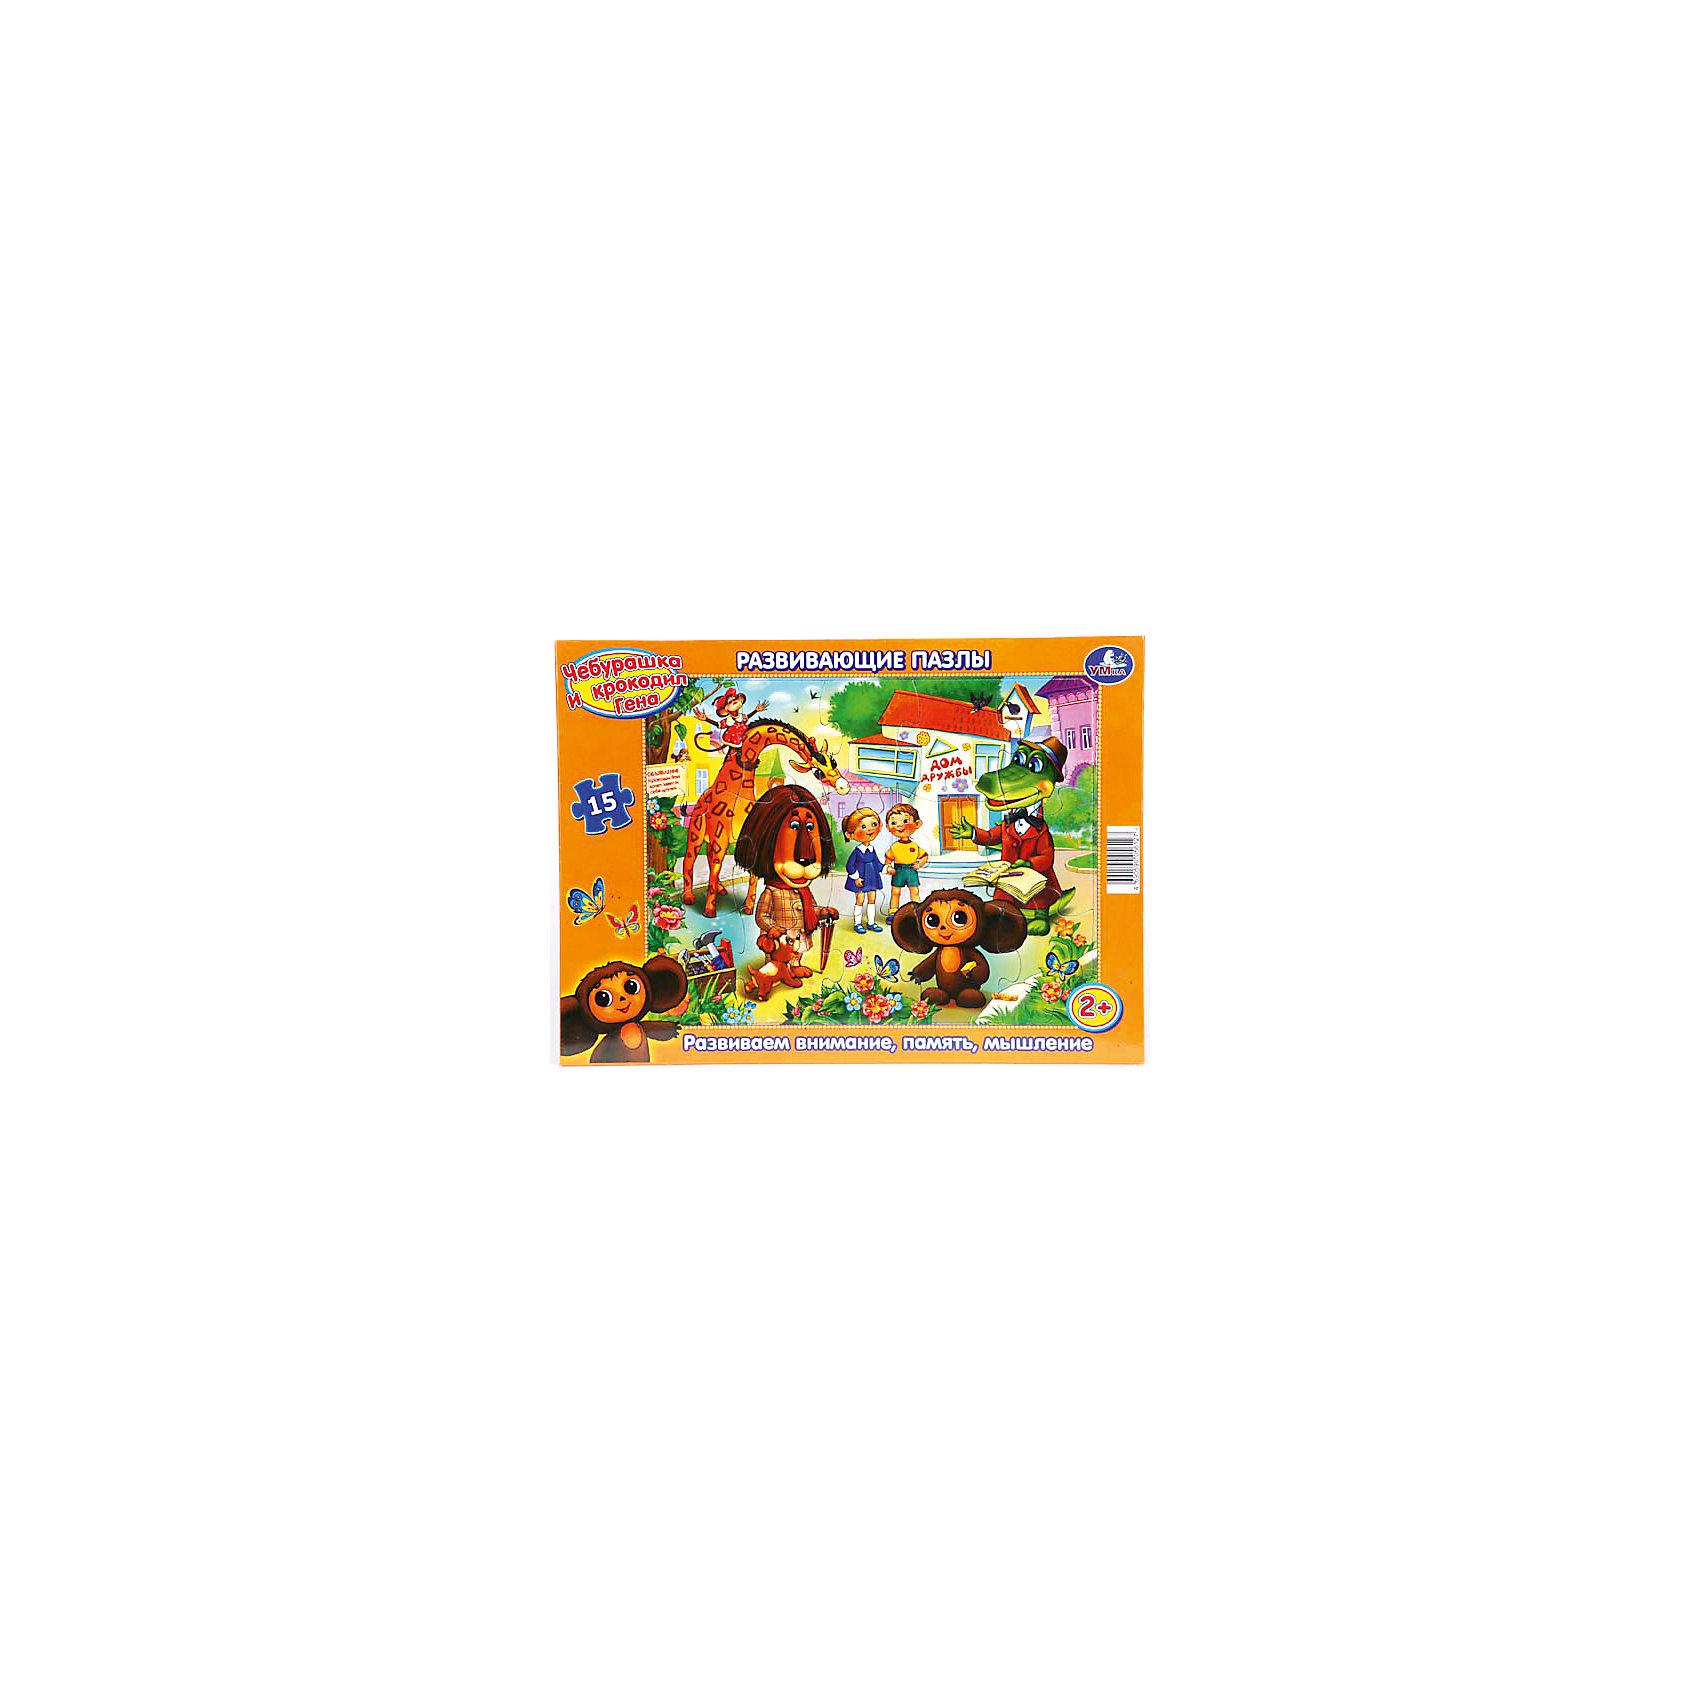 Умка Развивающие пазлы Чебурашка и Крокодил Гена, 15 дет., в рамке, Умка пазлы бомик пазлы книжка репка